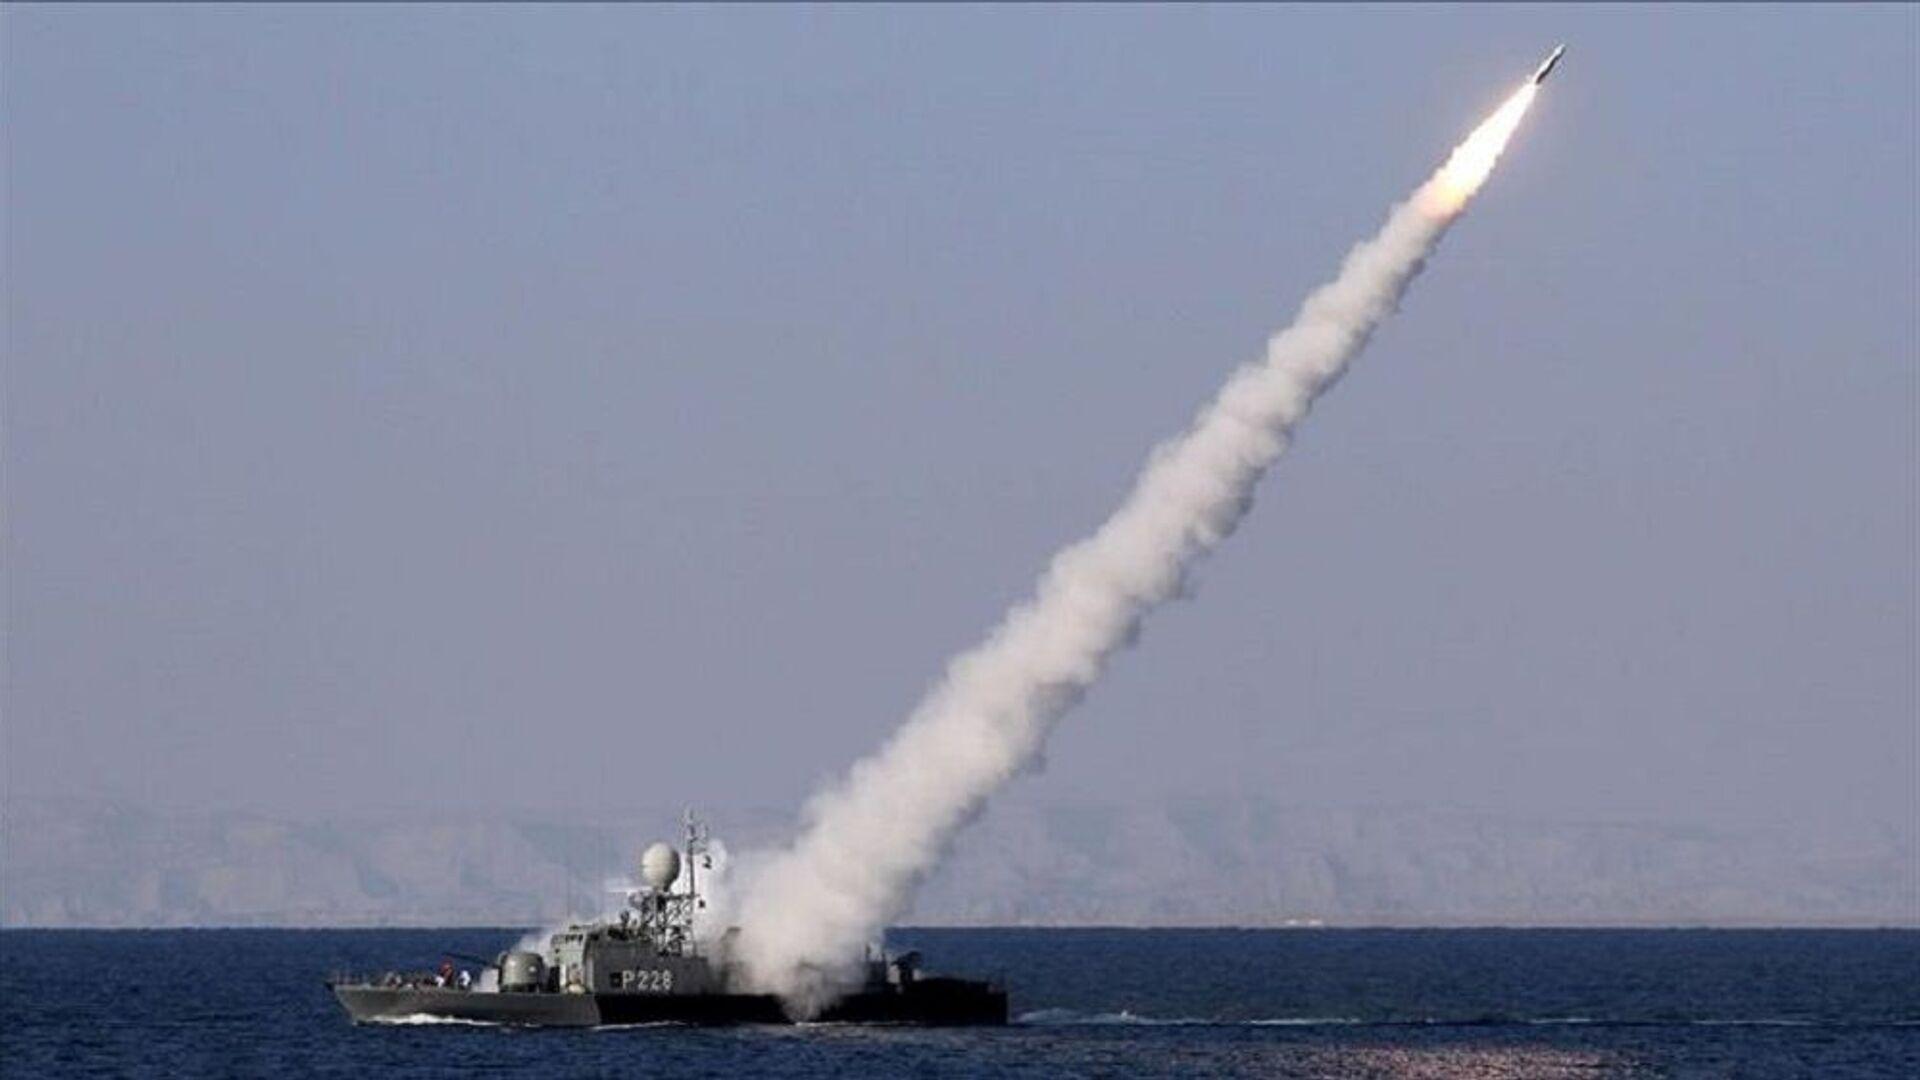 İran medyası: Basra Körfezi'nde savaş gemisi yanlışlıkla vuruldu - Sputnik Türkiye, 1920, 23.08.2021